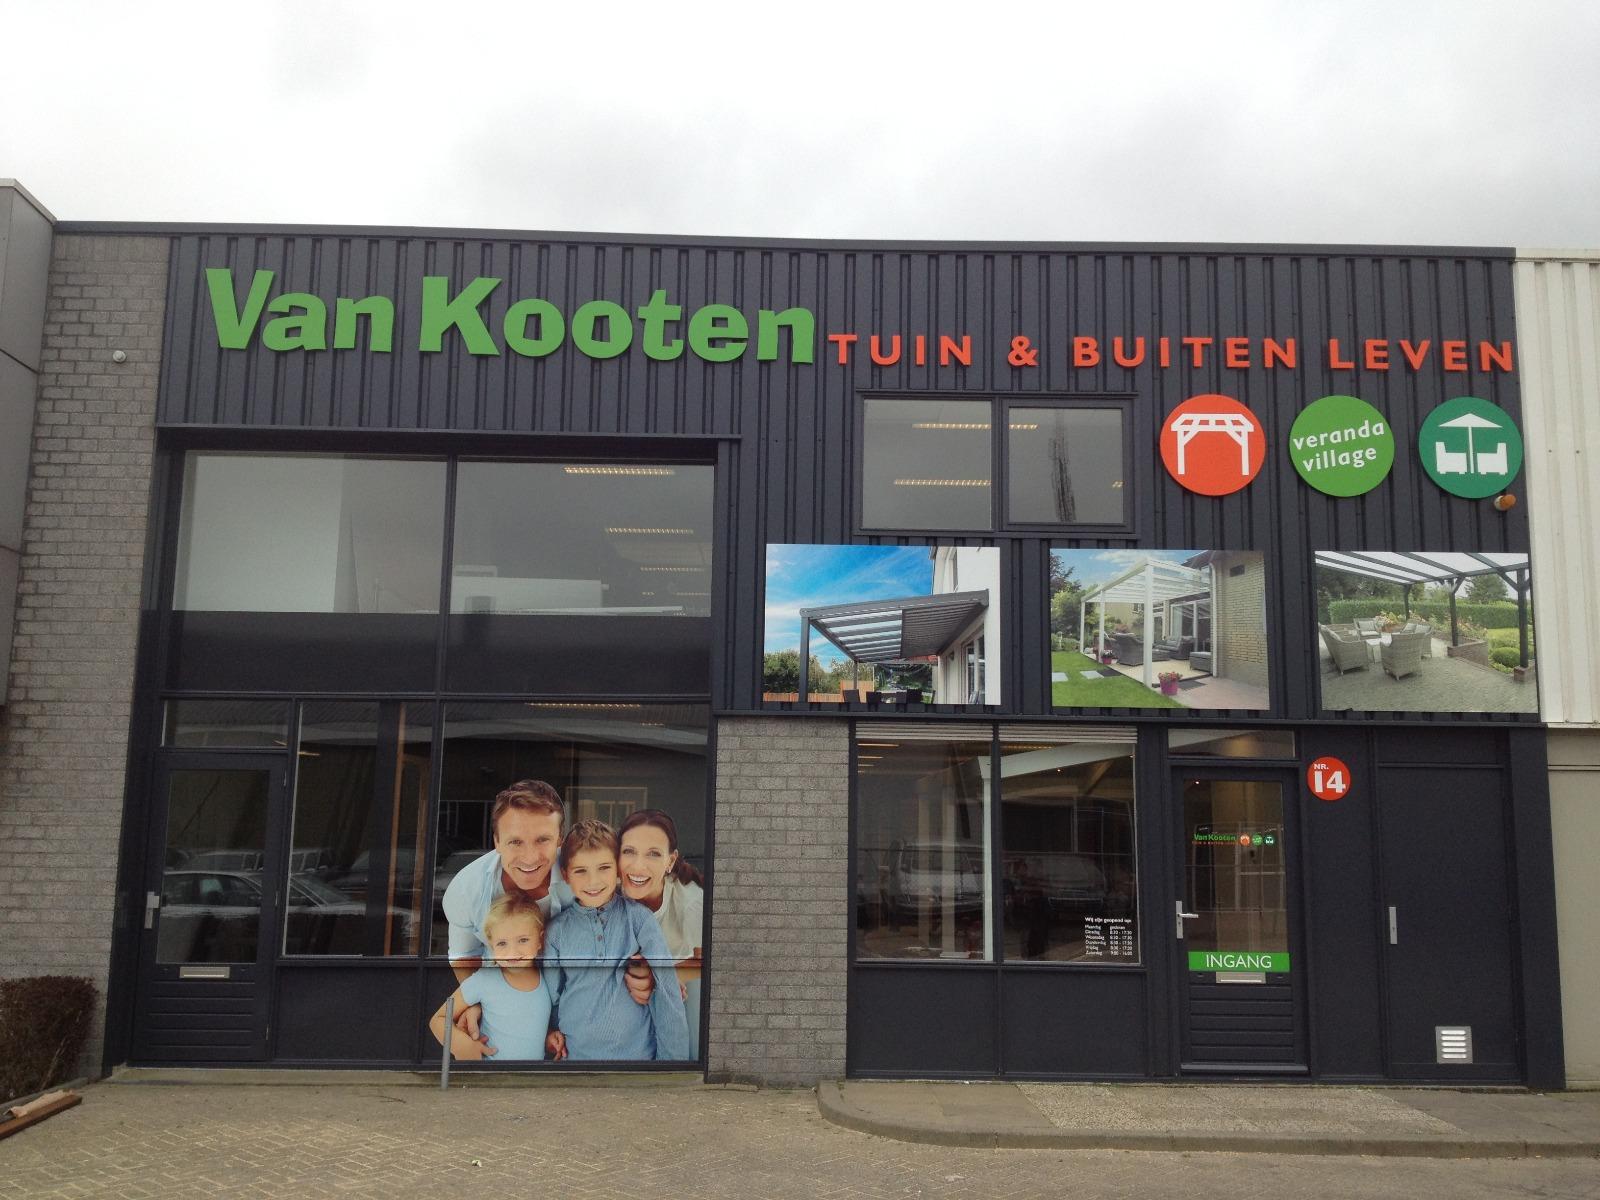 Marktleider in Blokhutten & Overkappingen - Van Kooten